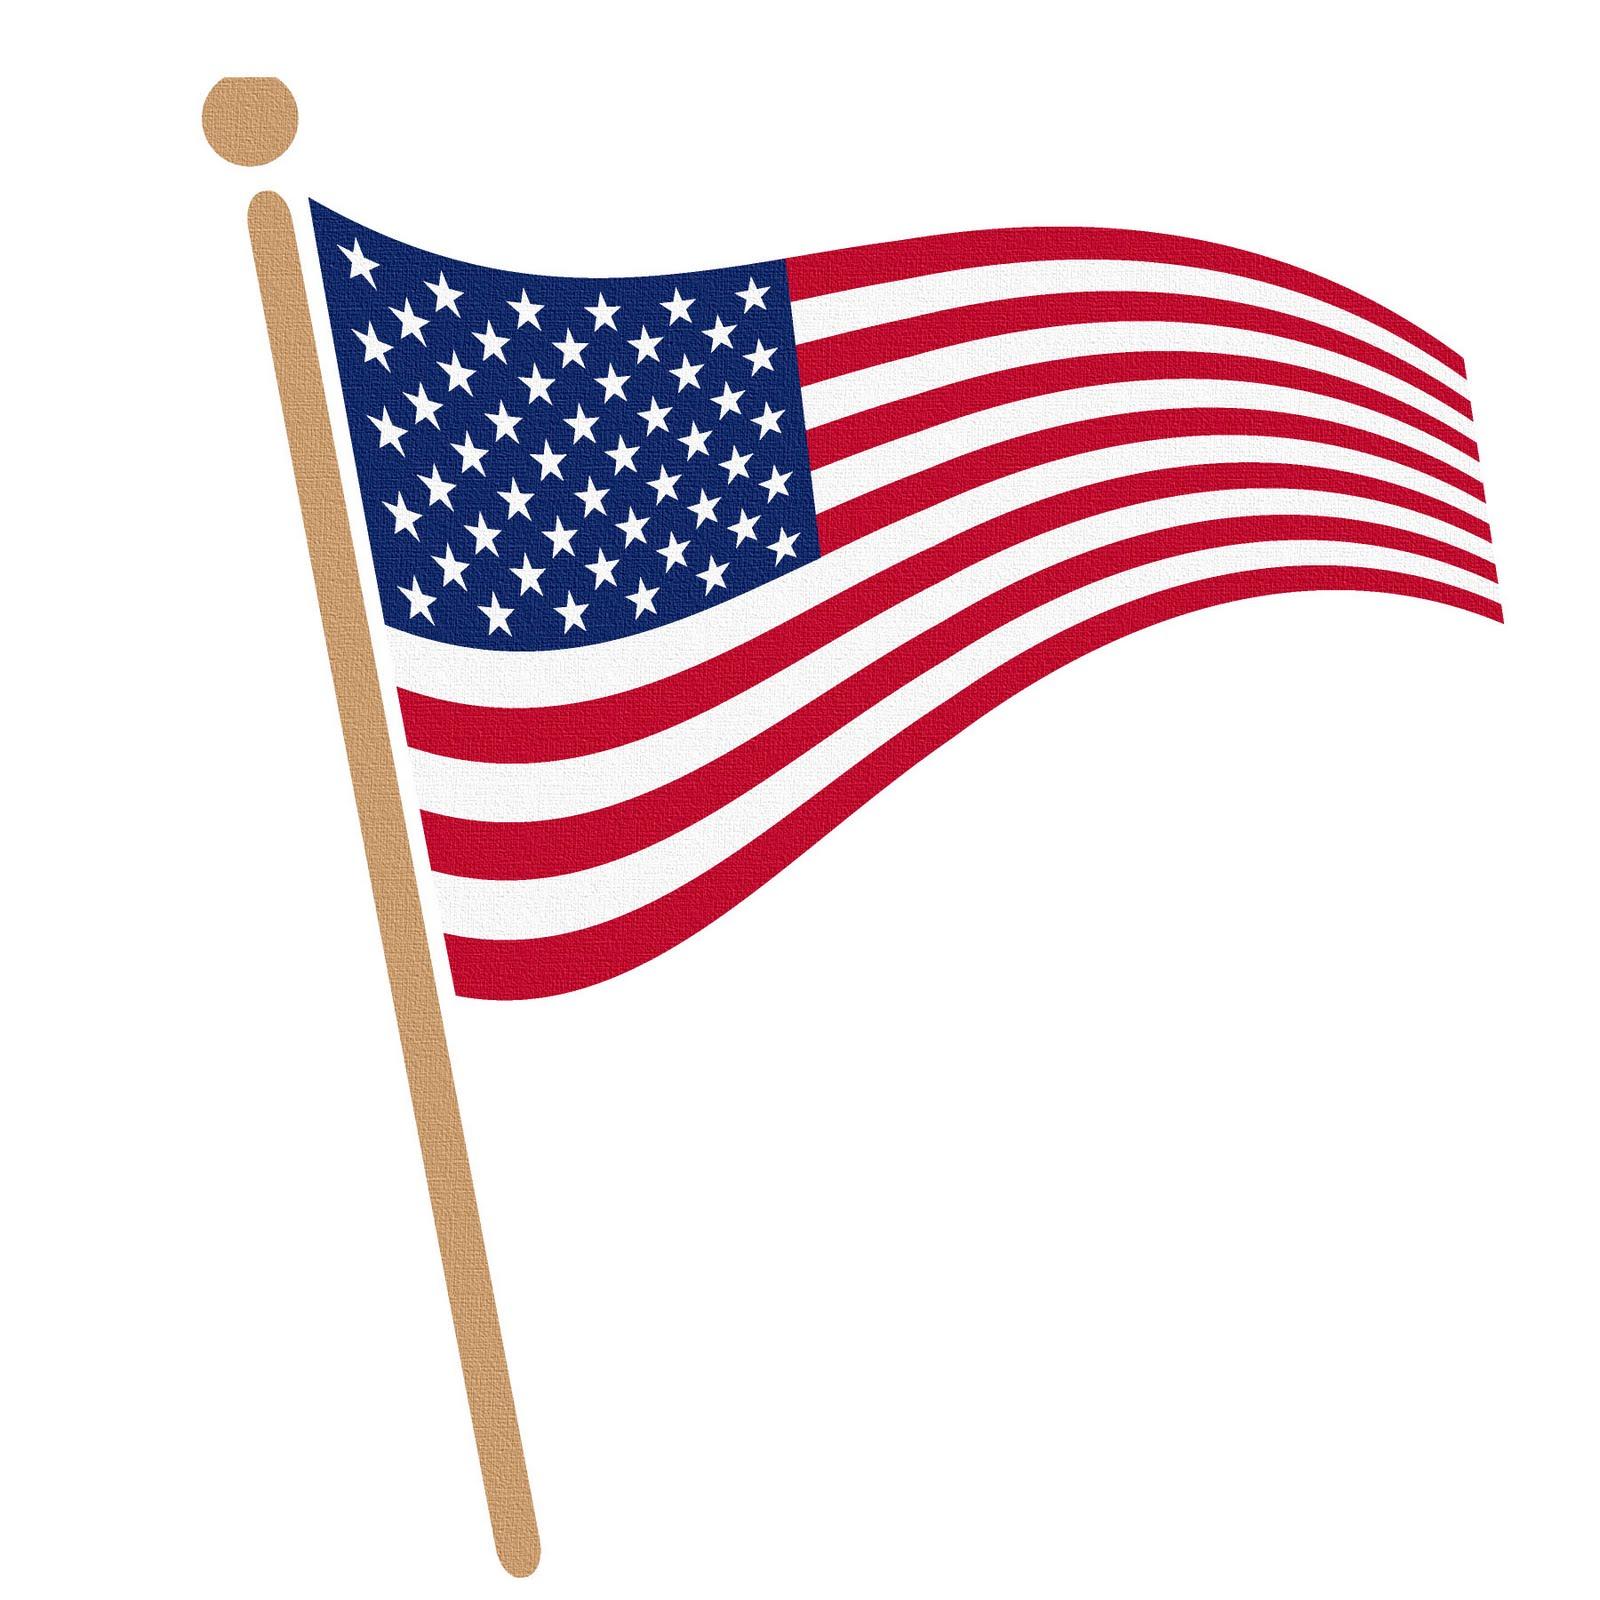 Waving American Flag Clip Art Cliparts C-Waving American Flag Clip Art Cliparts Co-18